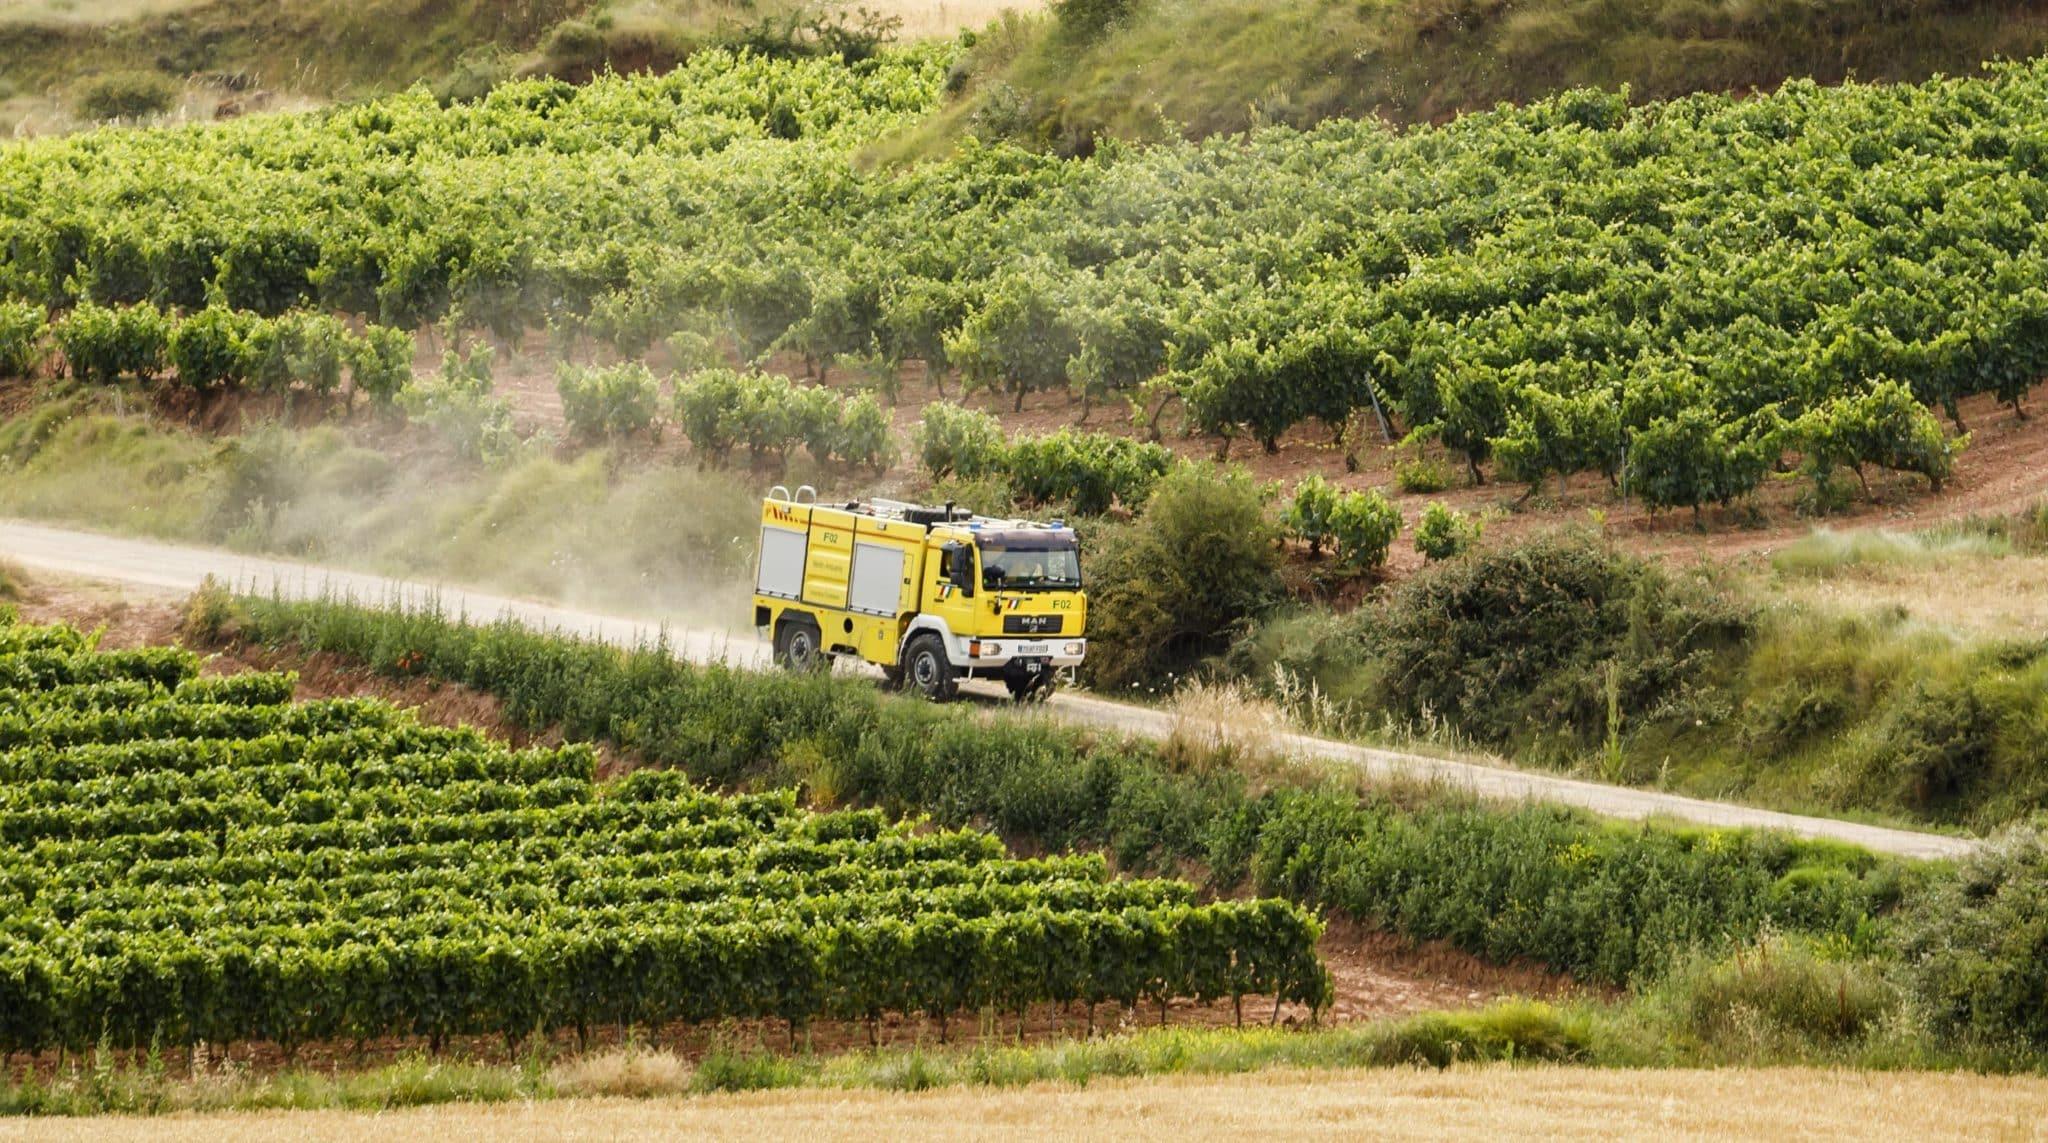 La Rioja contra los incendios forestales: más de 300 profesionales y casi 8,5 millones de presupuesto 6